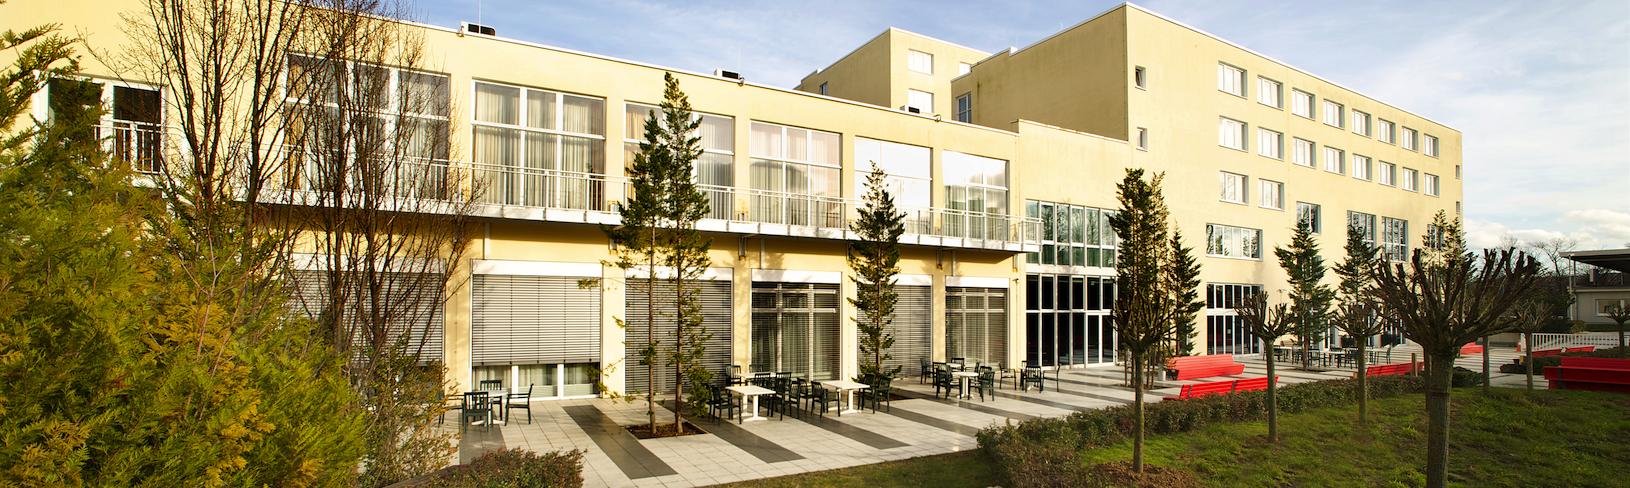 hotel_in_kassel